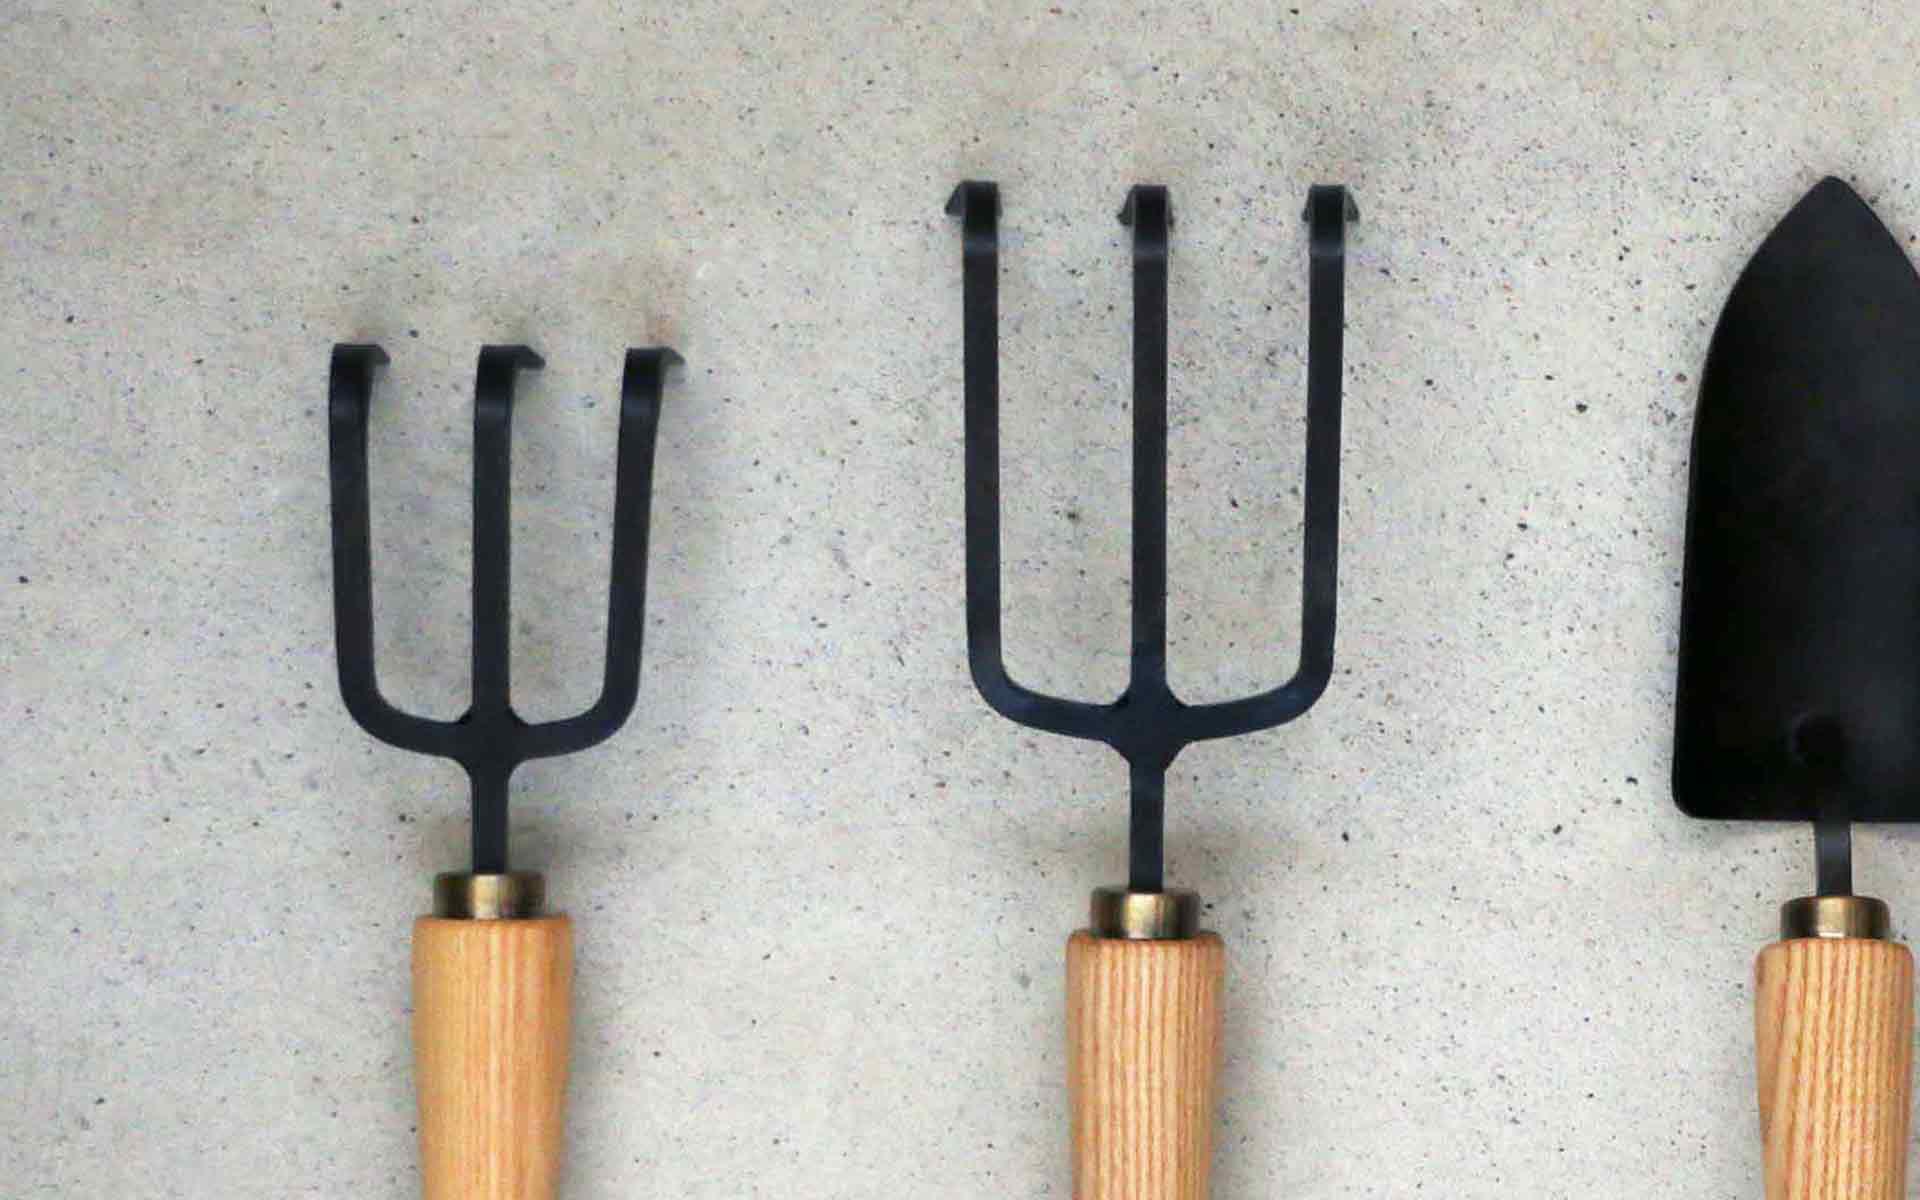 土を耕す頼もしい道具。専門の鍛冶屋がつくるガーデニング用の黒い鍬(くわ)